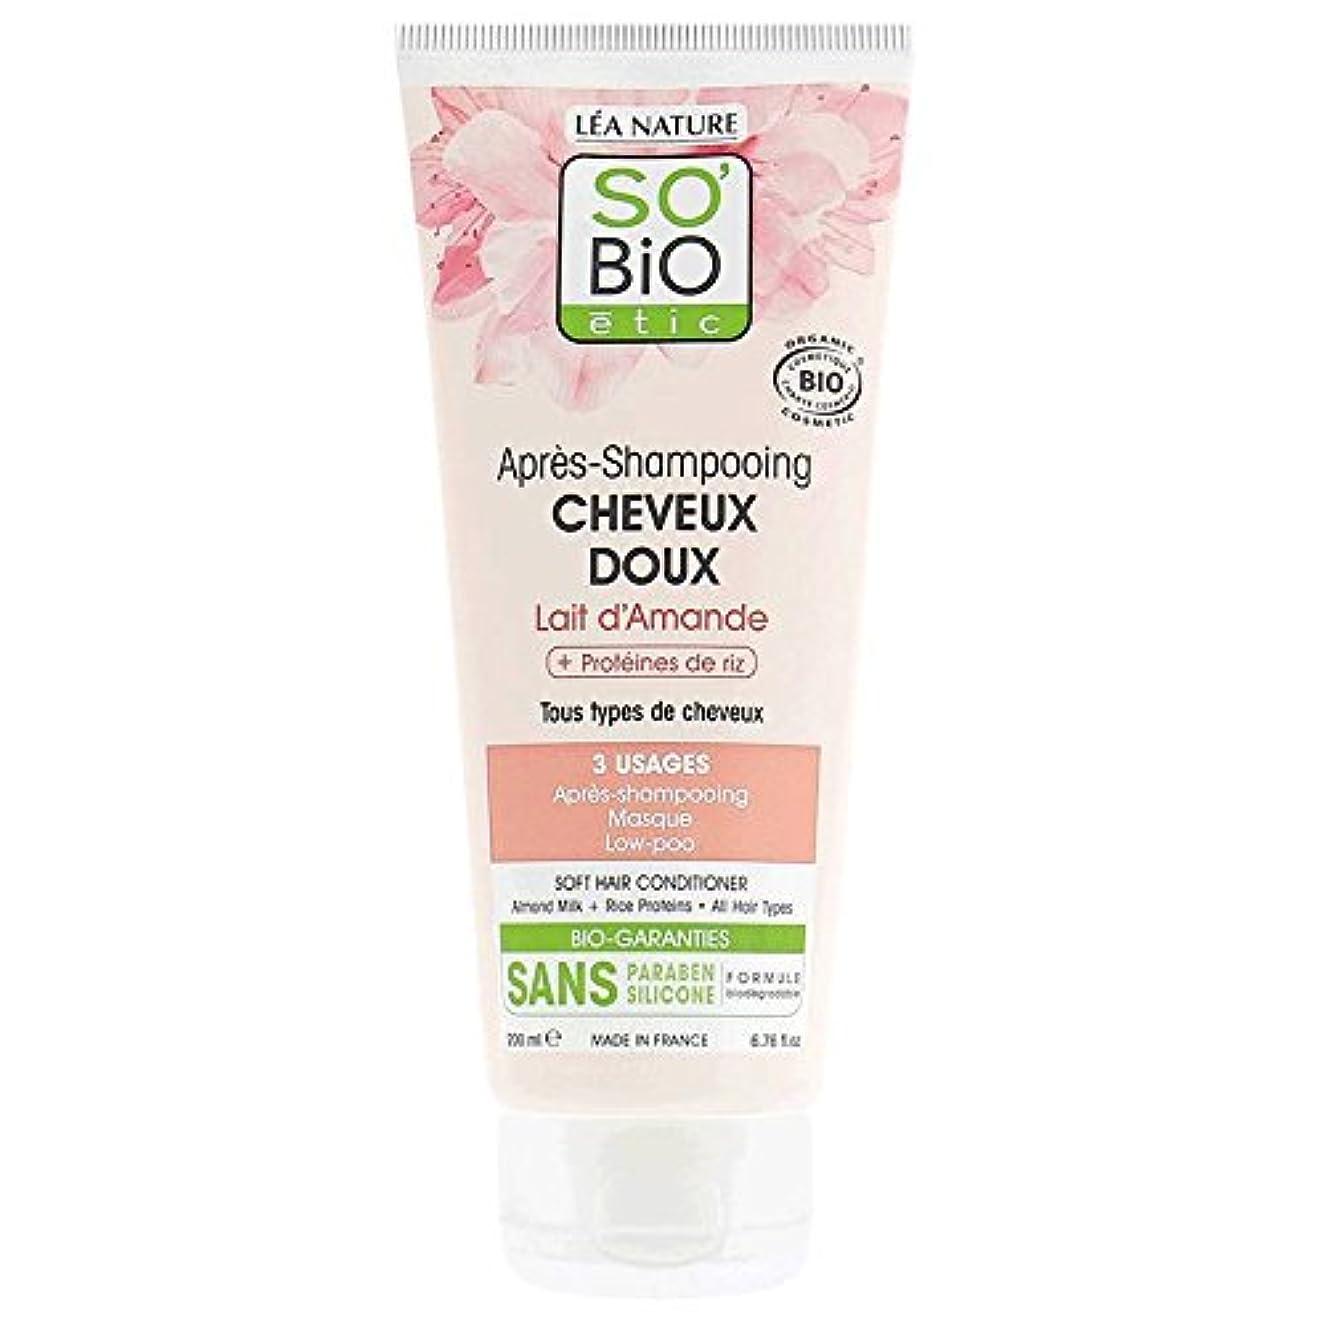 眠いですモットー期待するSO 'BIO ETIC - アーモンドミルク&ライスプロテイン入りコンディショナー - すべての髪のタイプに適しています - 保湿 - 髪の扱いやすさを改善します - パラベン&シリコンから無料 - 200 ml